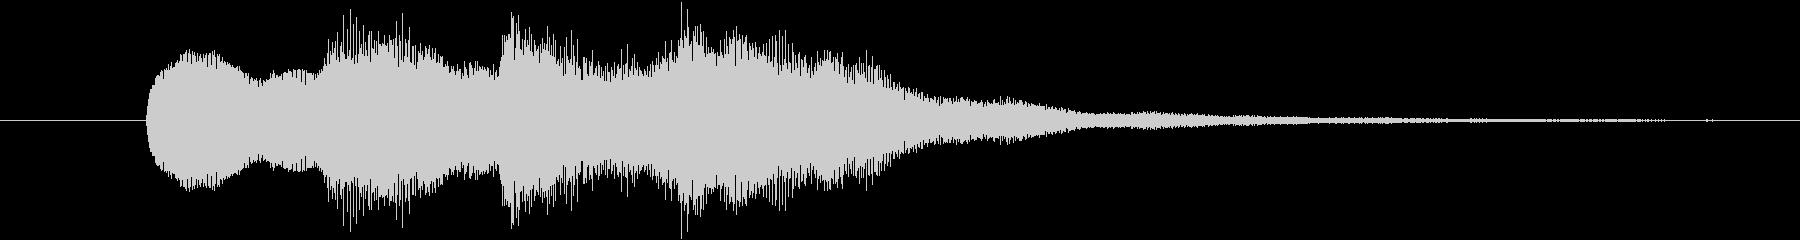 正解 ◯ ピンポン×2の未再生の波形